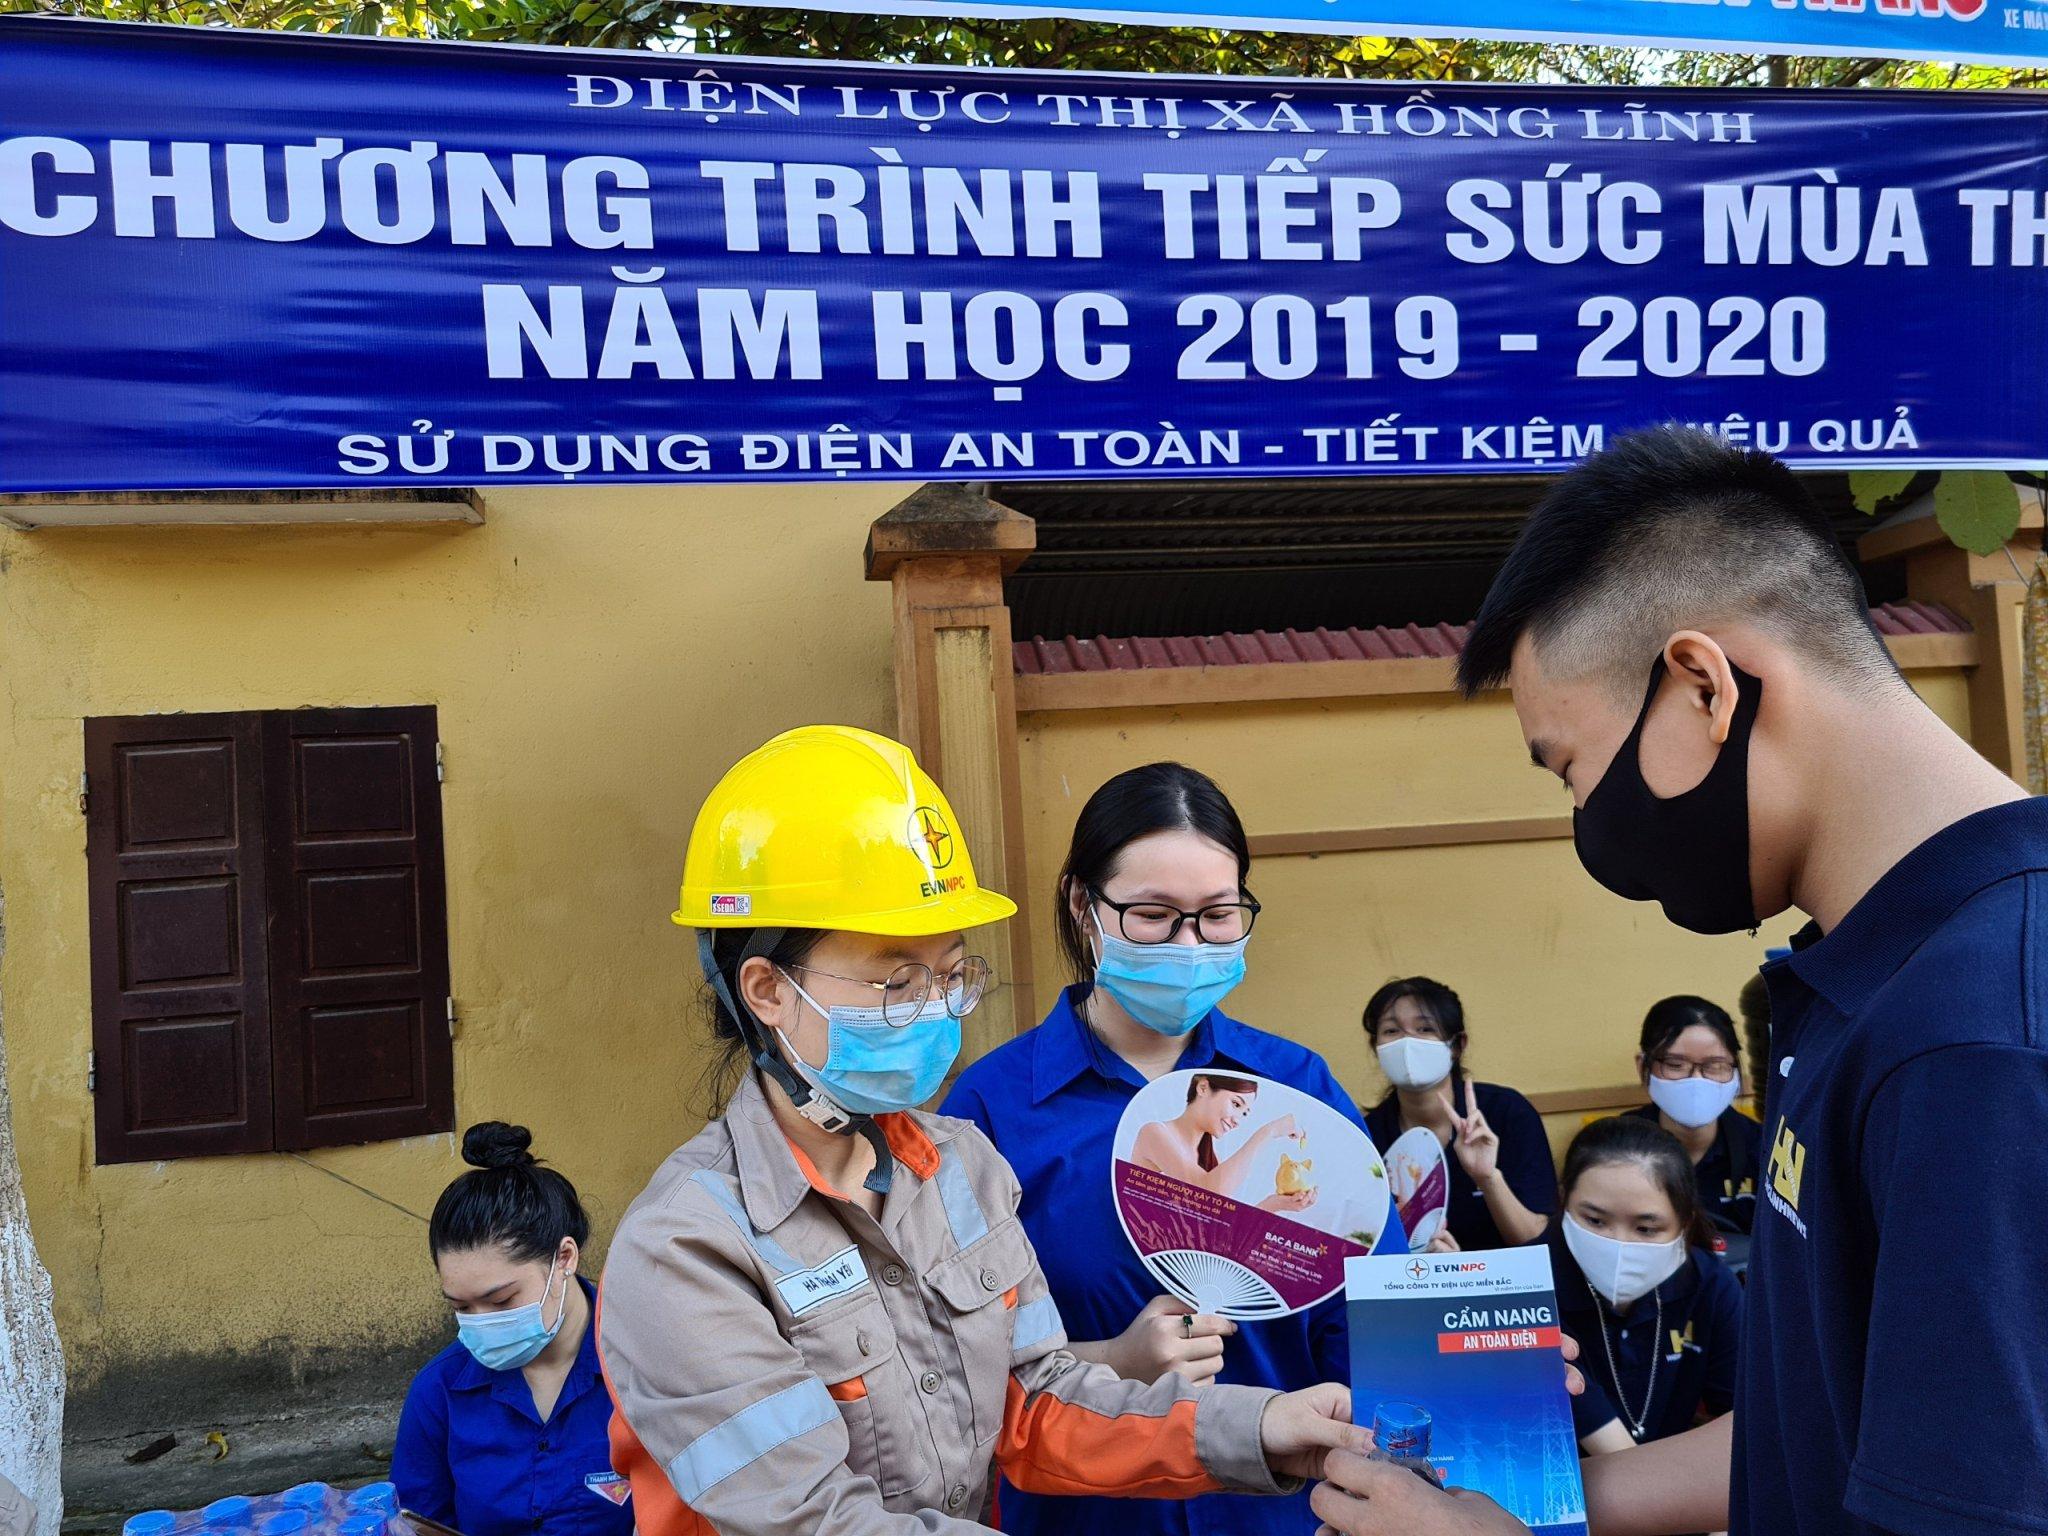 PC Hà Tĩnh đồng hành cùng kỳ thi tốt nghiệp phổ thông trung học